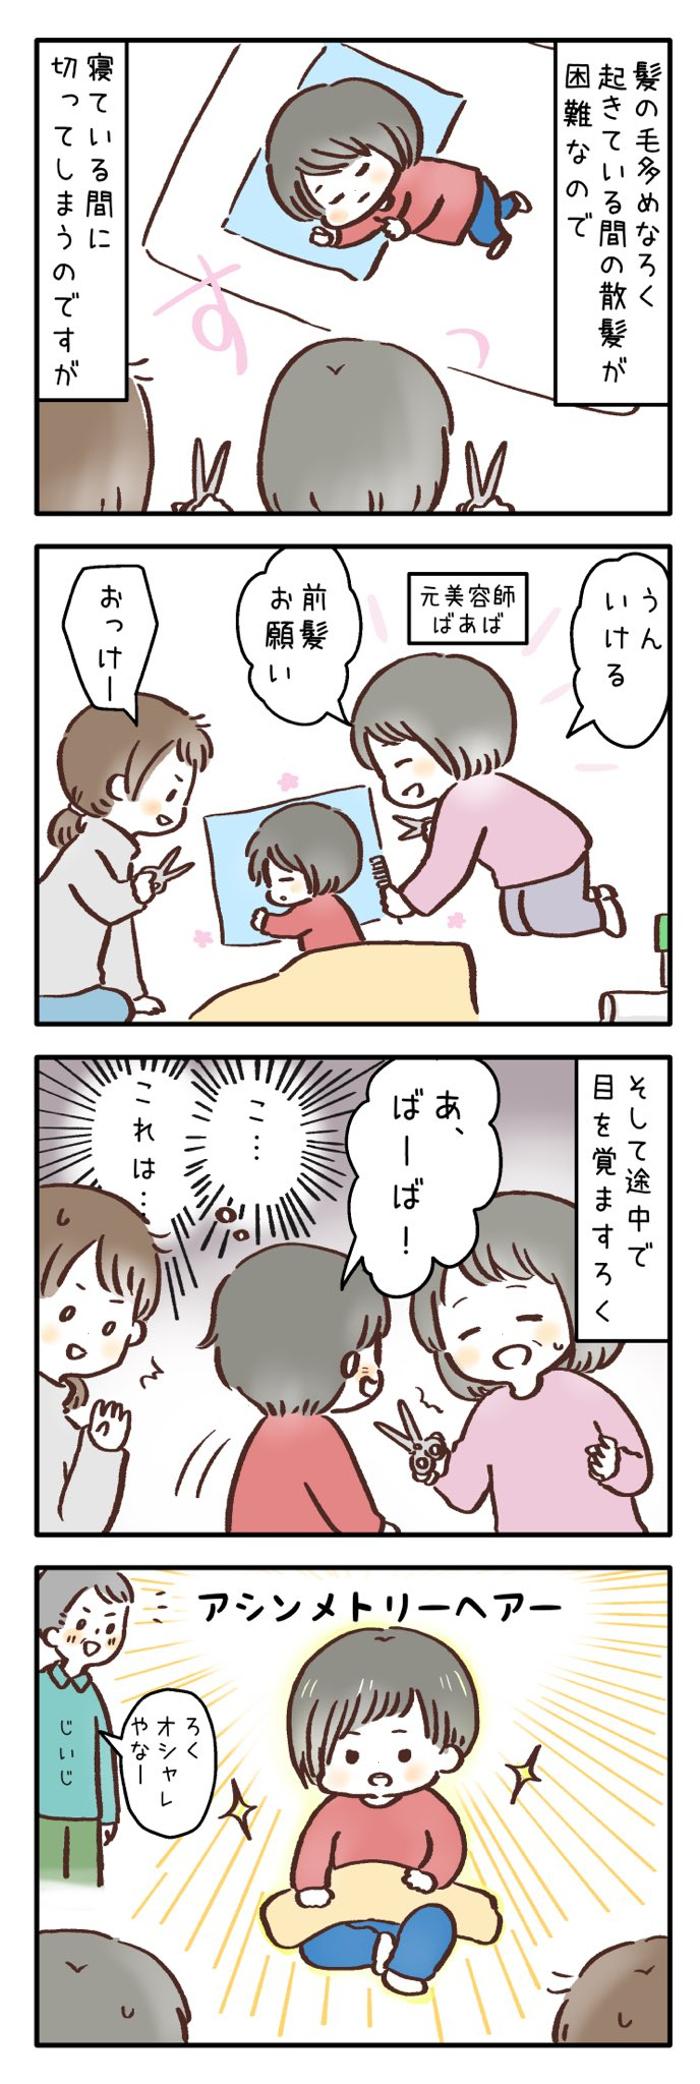 息子の成長が嬉しくも寂しい。複雑な母心をジ~ンとさせた、夫の一言(涙)の画像3